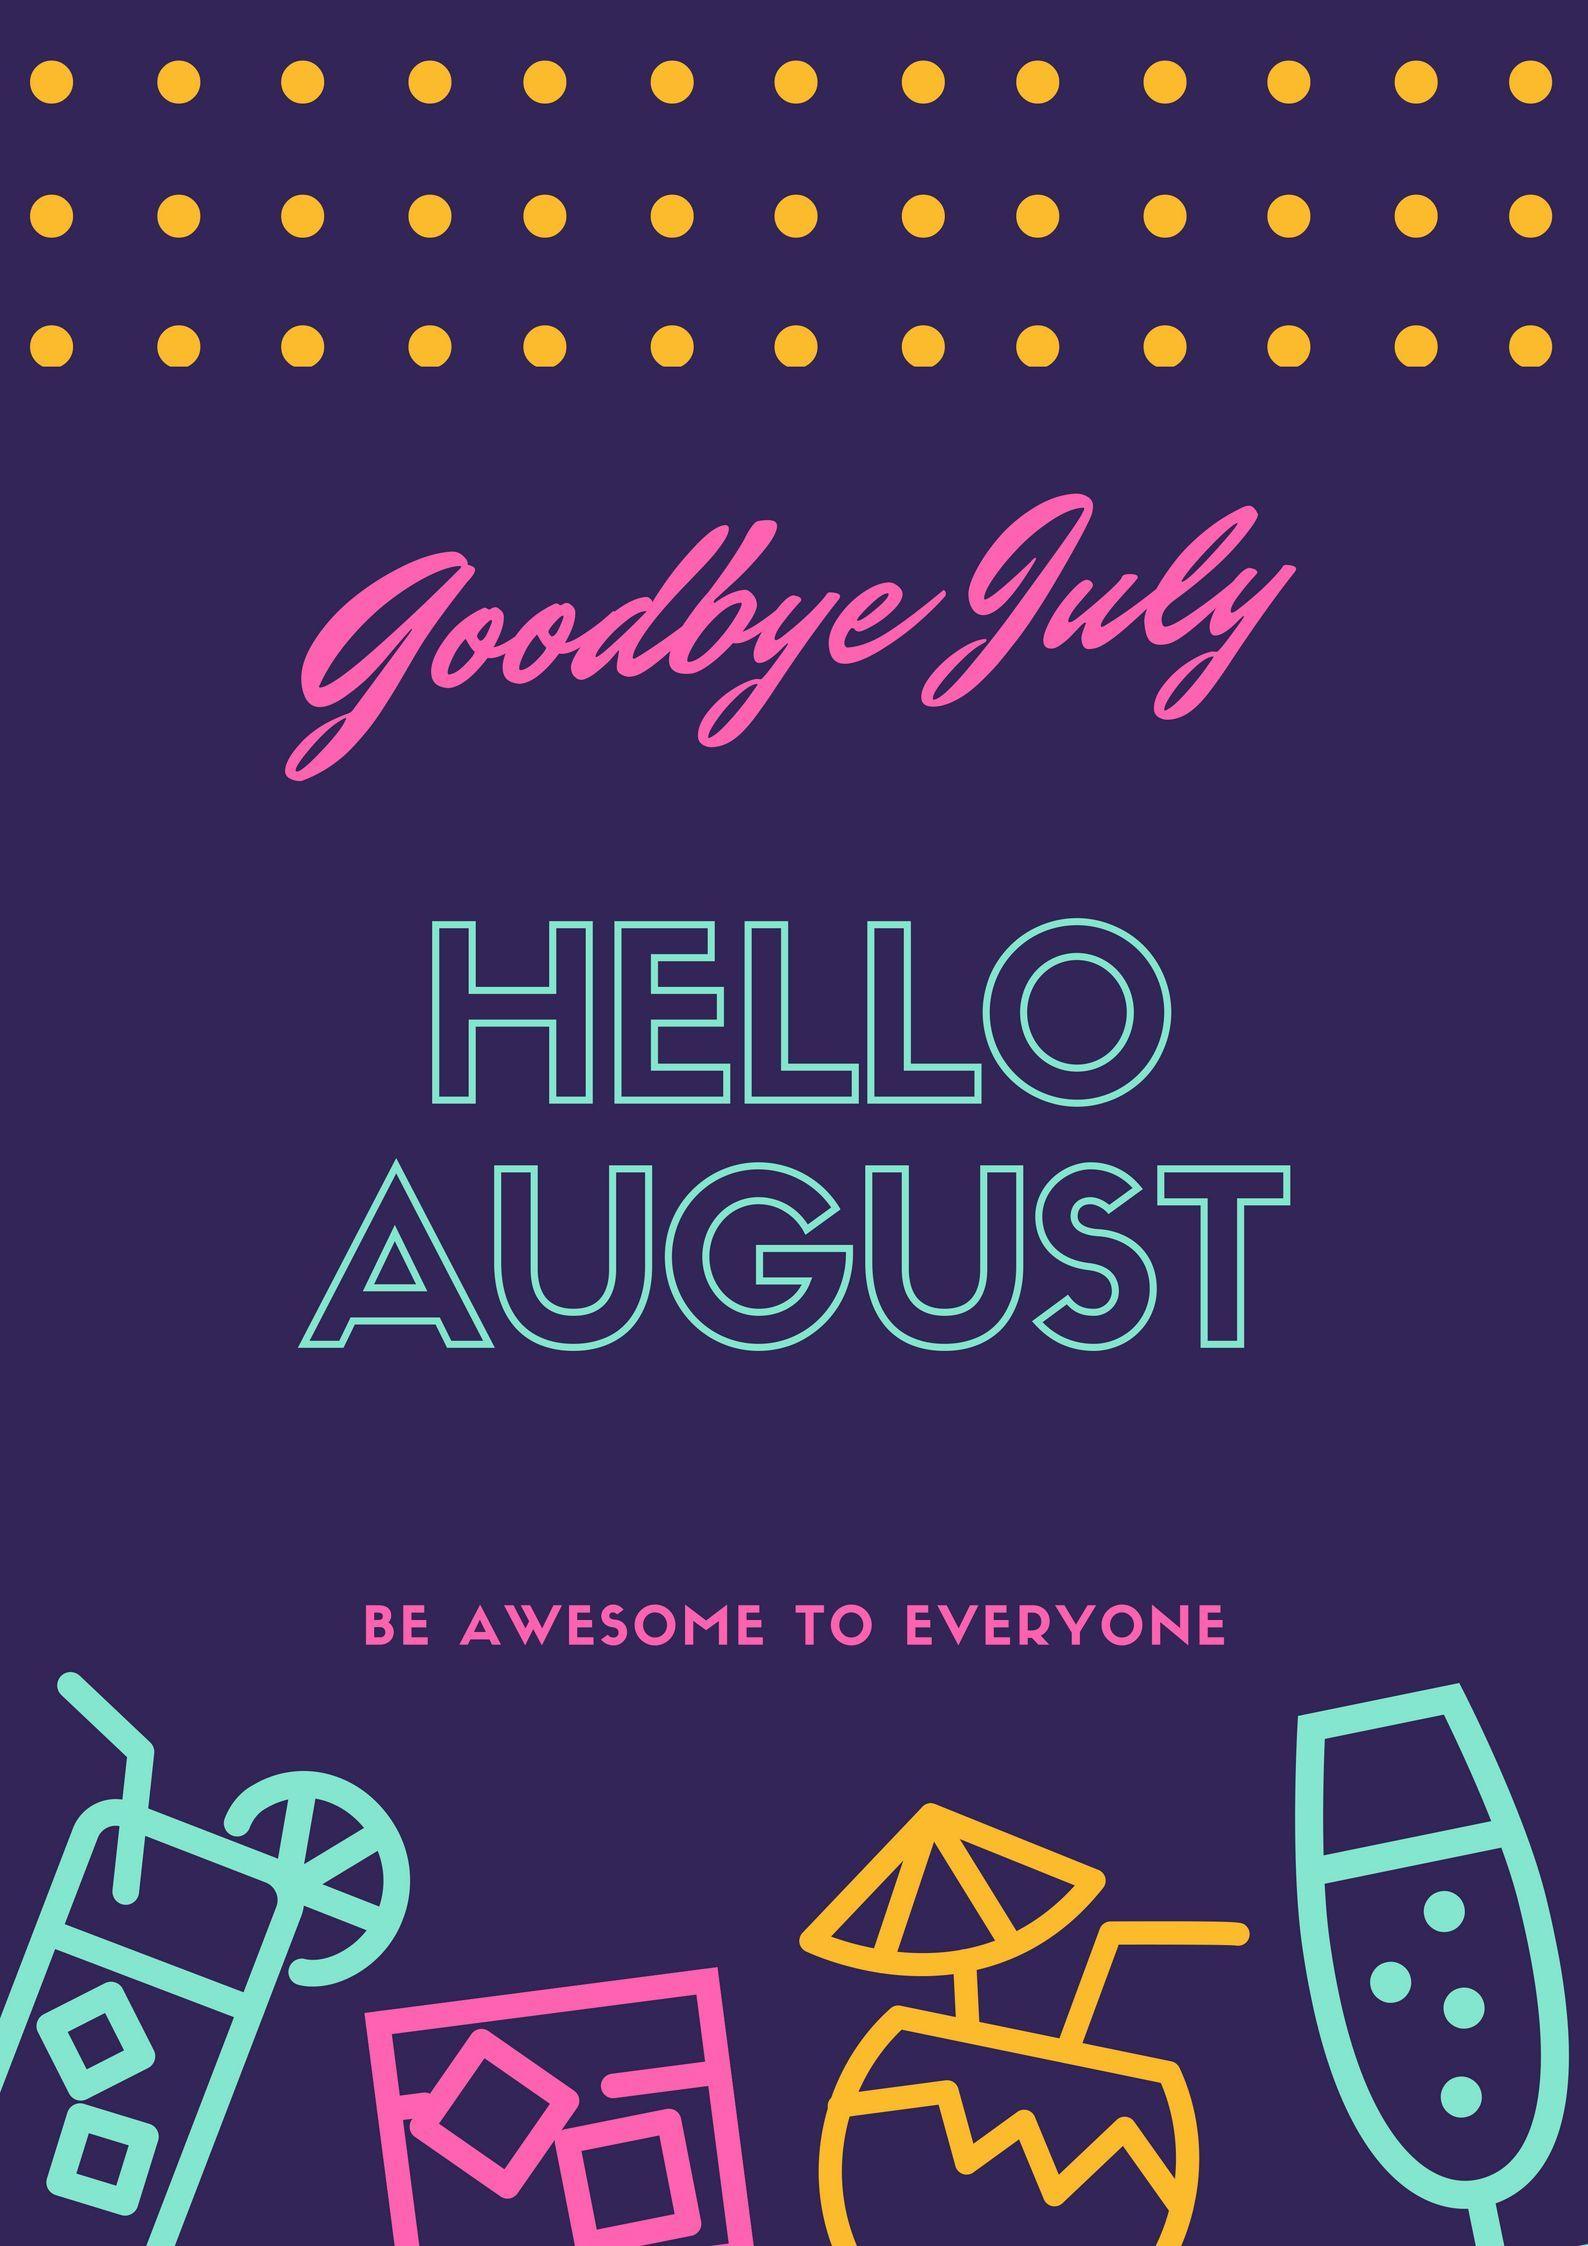 goodbye july hello august image Goodbye And Wel e